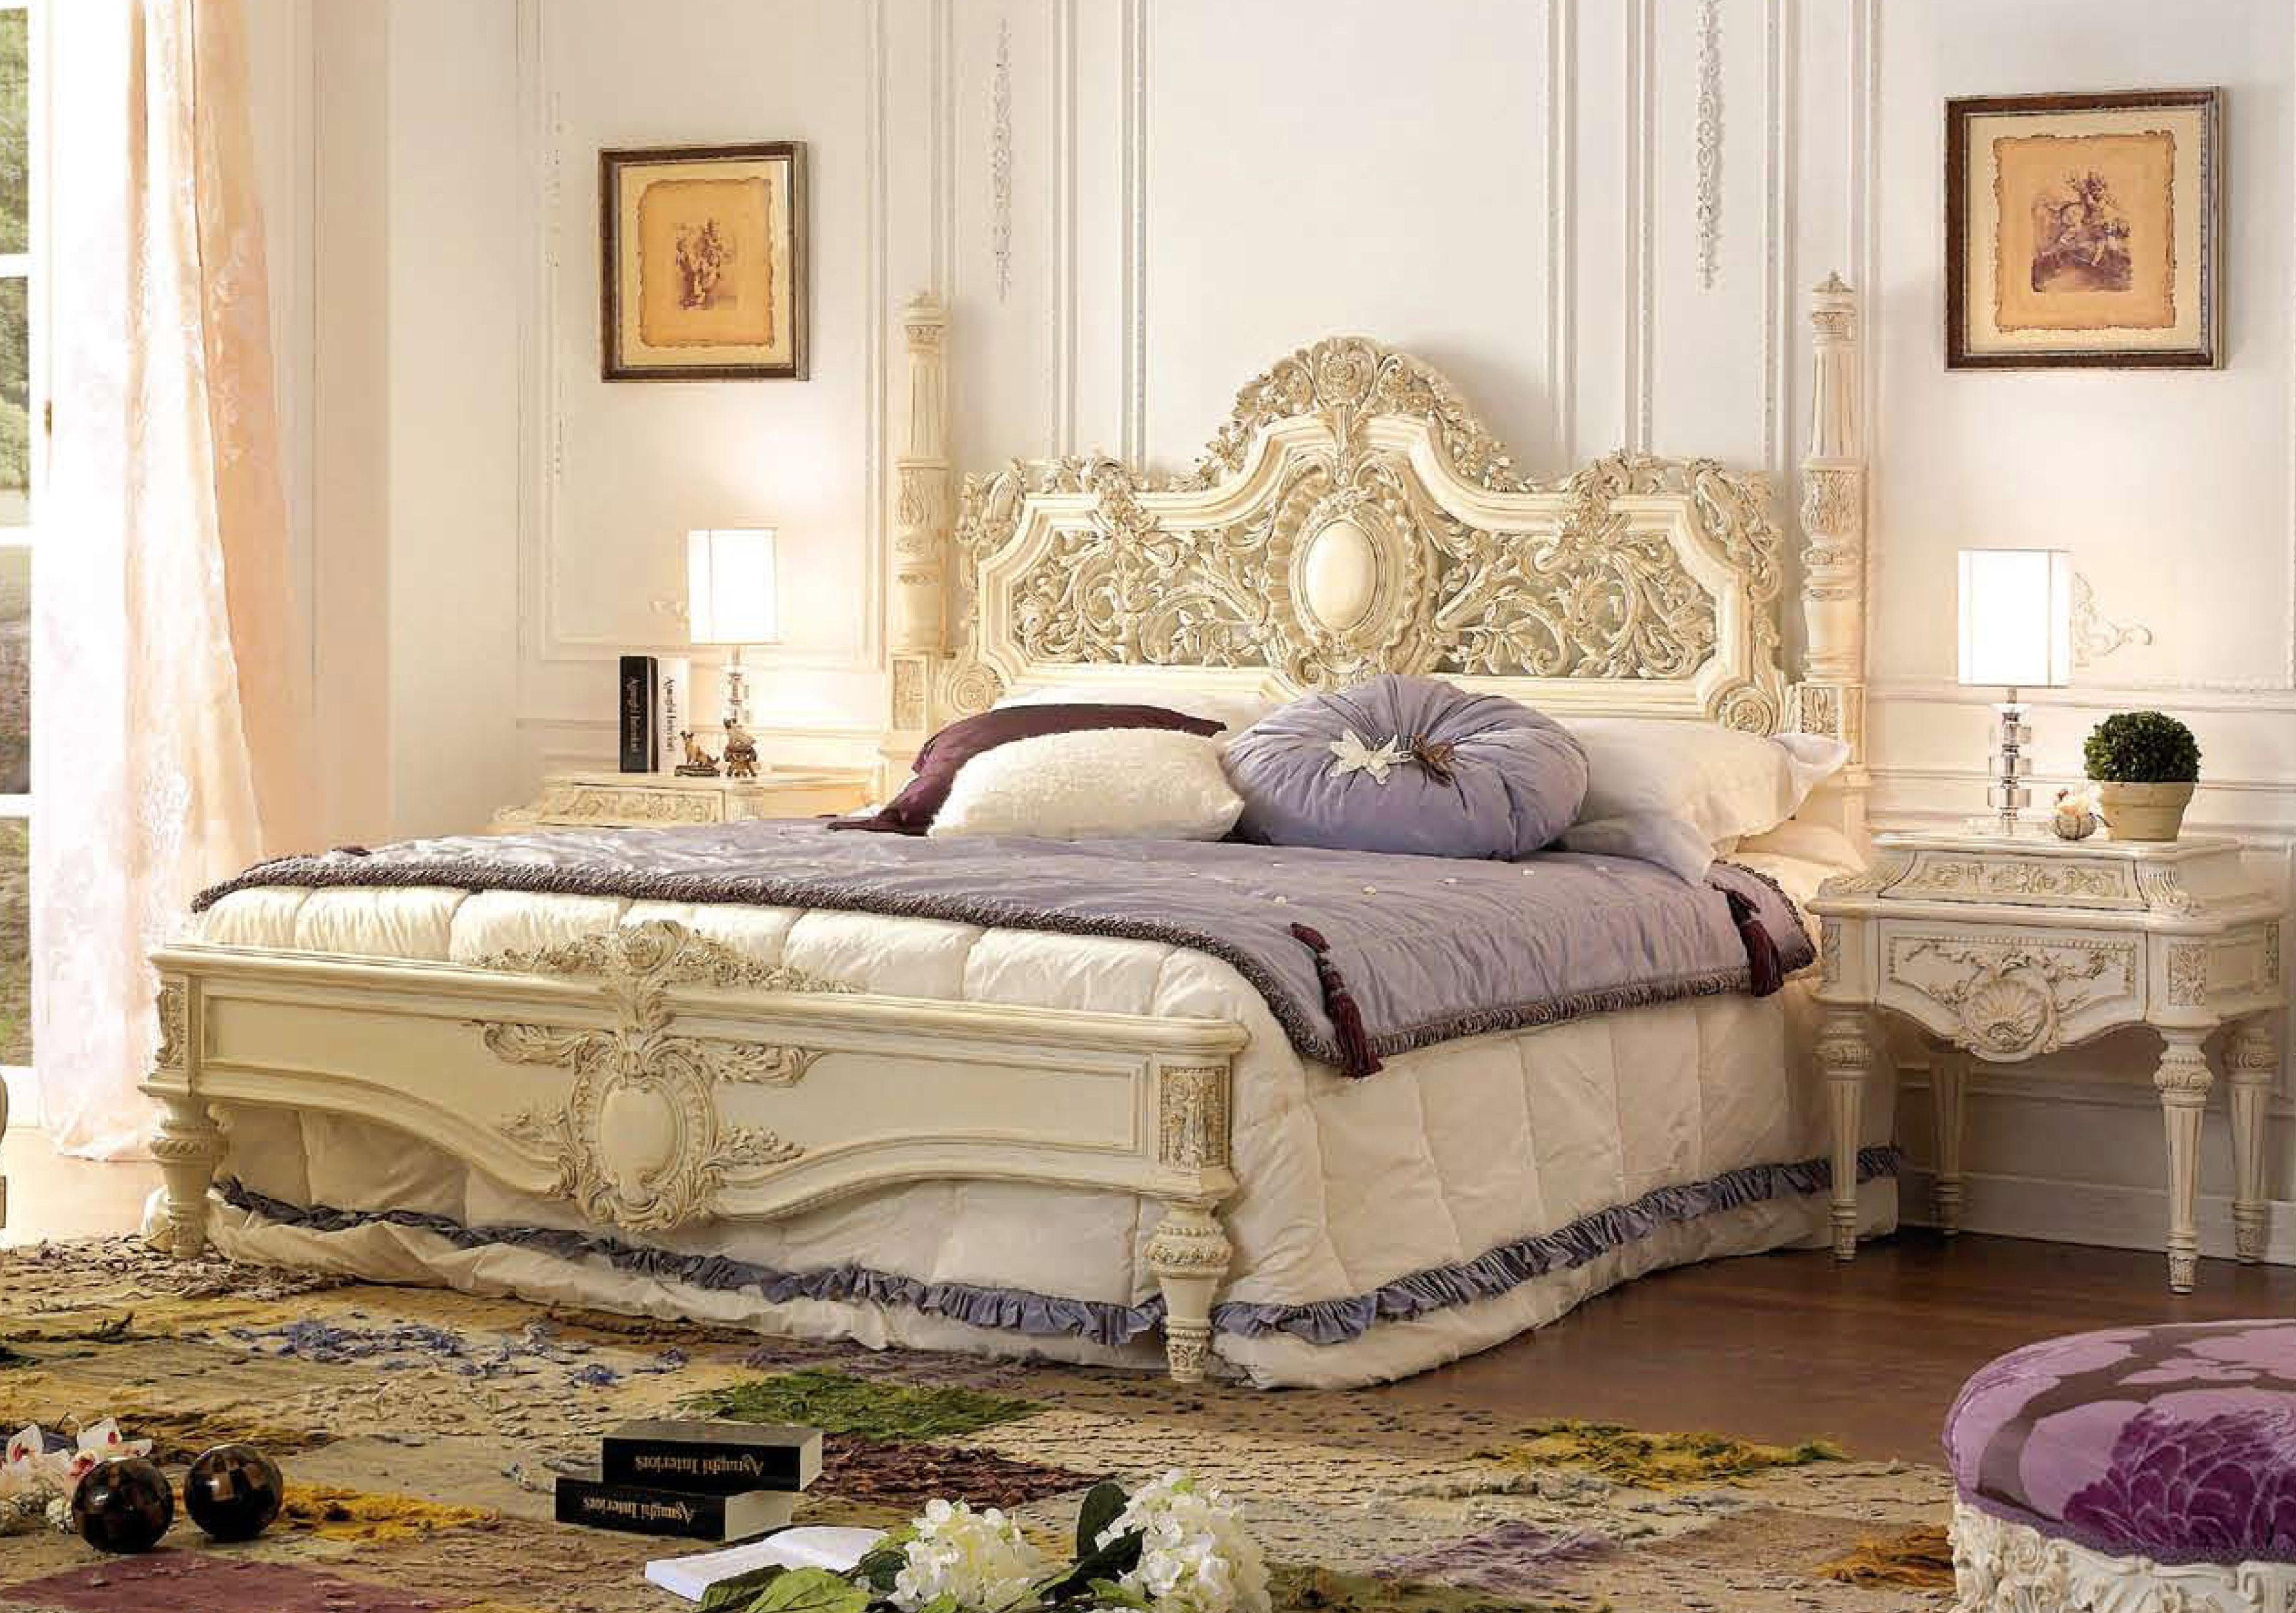 Резная кровать в стиле барокко